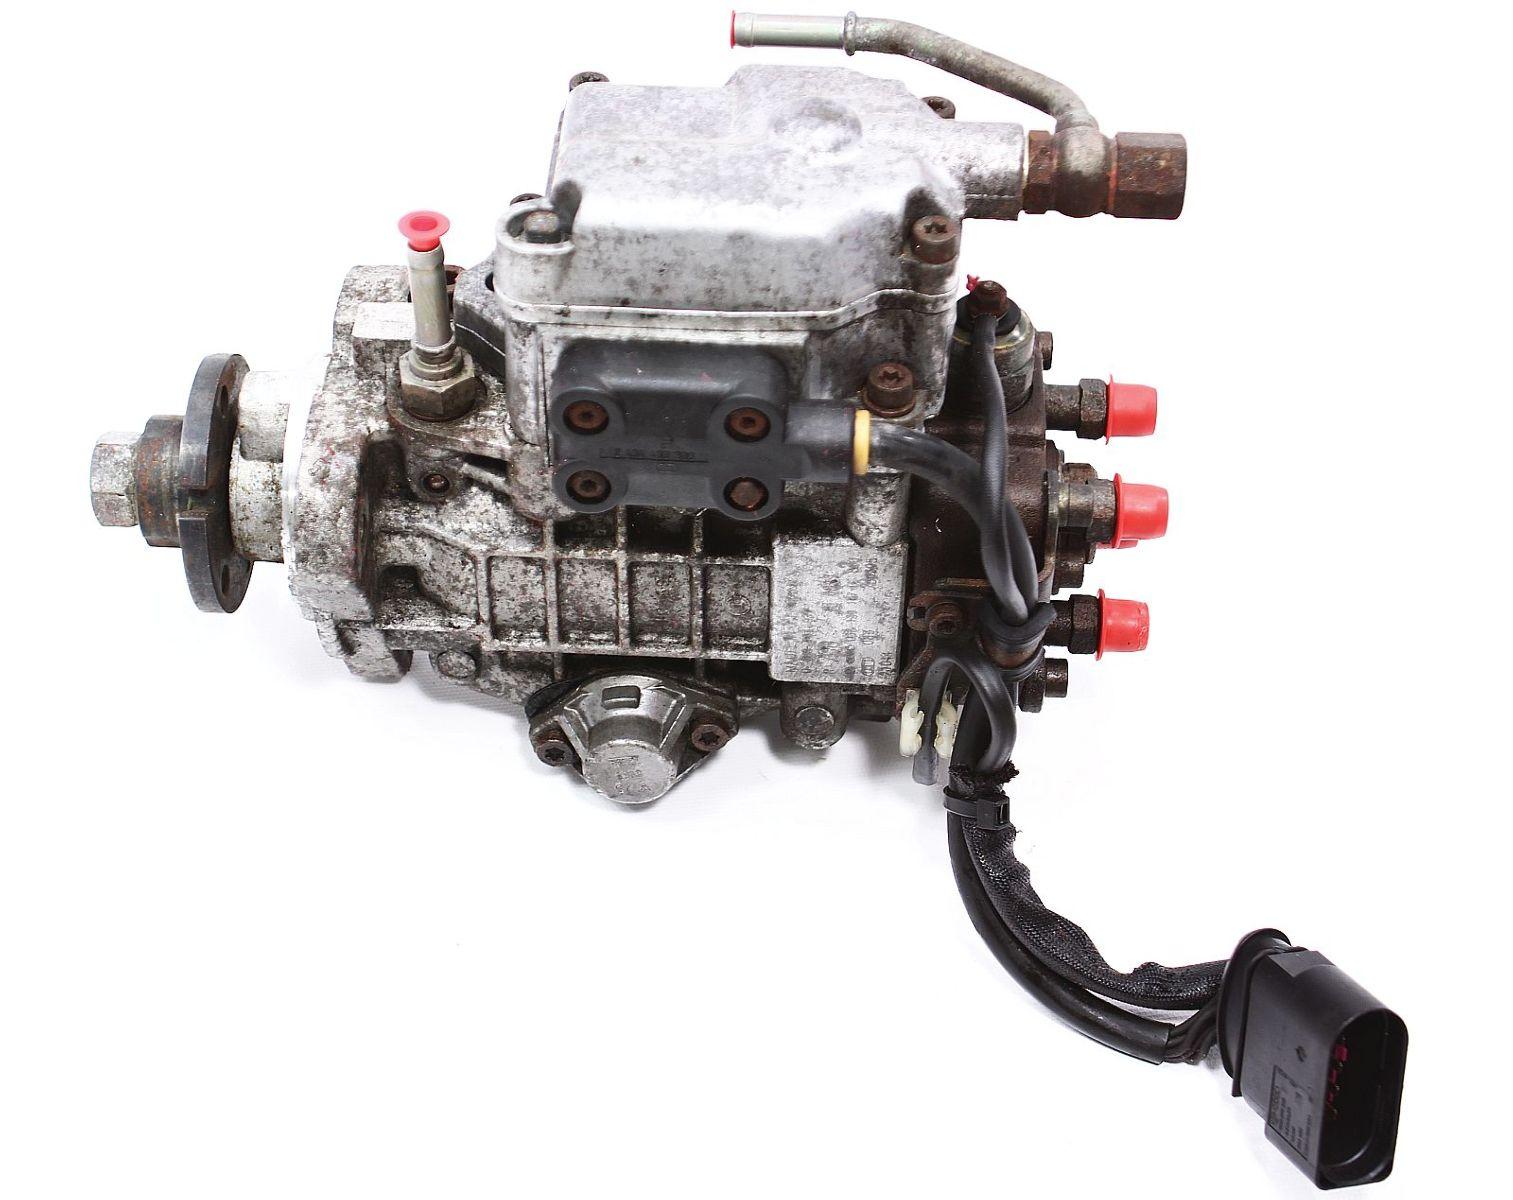 Alh Tdi Engine Wiring Diagram Alh Tdi Engine Wiring Diagram on 1z tdi engine, vw alh engine, ahu tdi engine, bew tdi engine, 2004 tdi engine, afi tdi engine, vw 1.9 tdi engine,